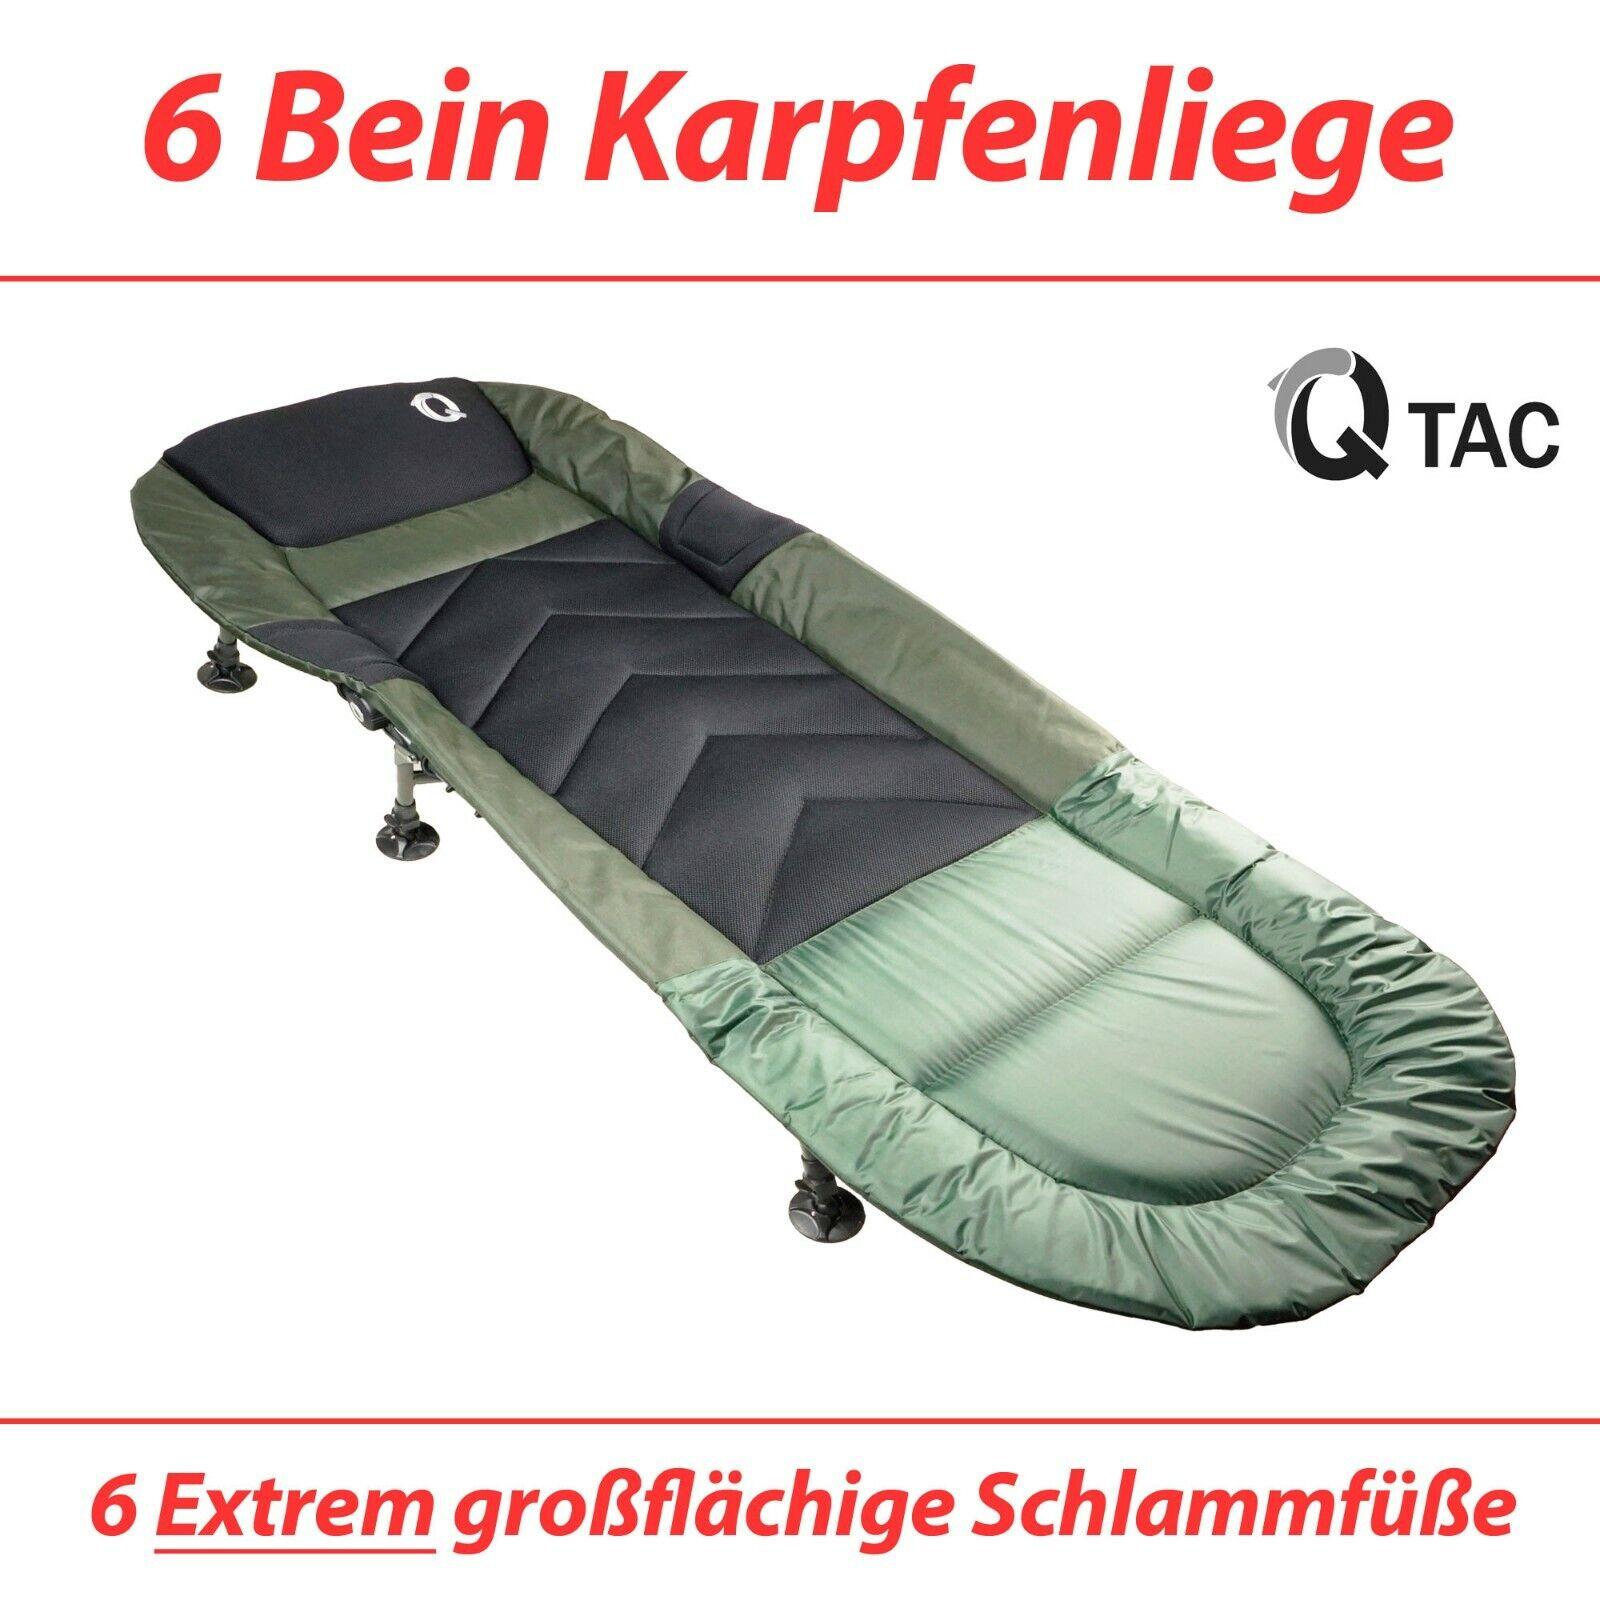 Q-Tac hochwertige Angelliege 6-Bein, Karpfenliege, Campingliege, Feldbett